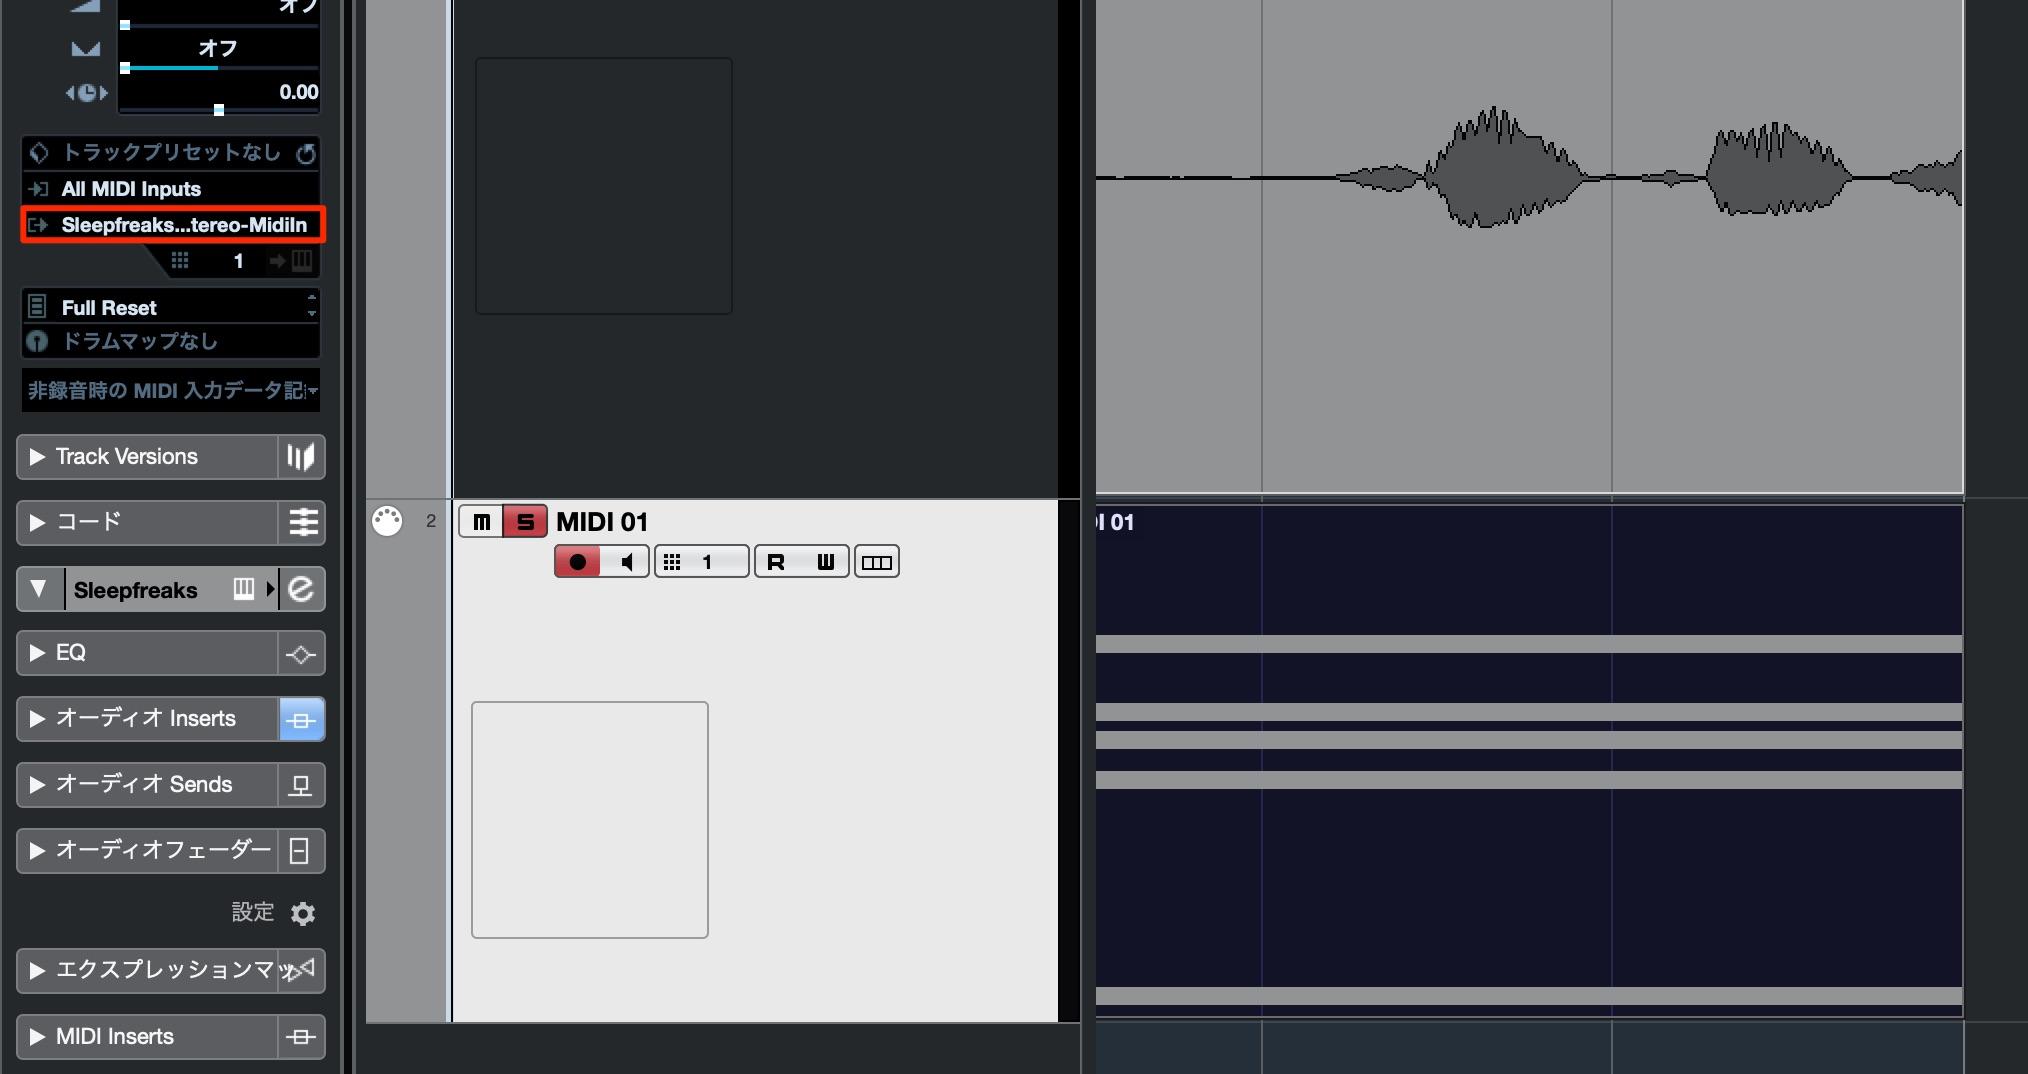 MIDI Track to OVox